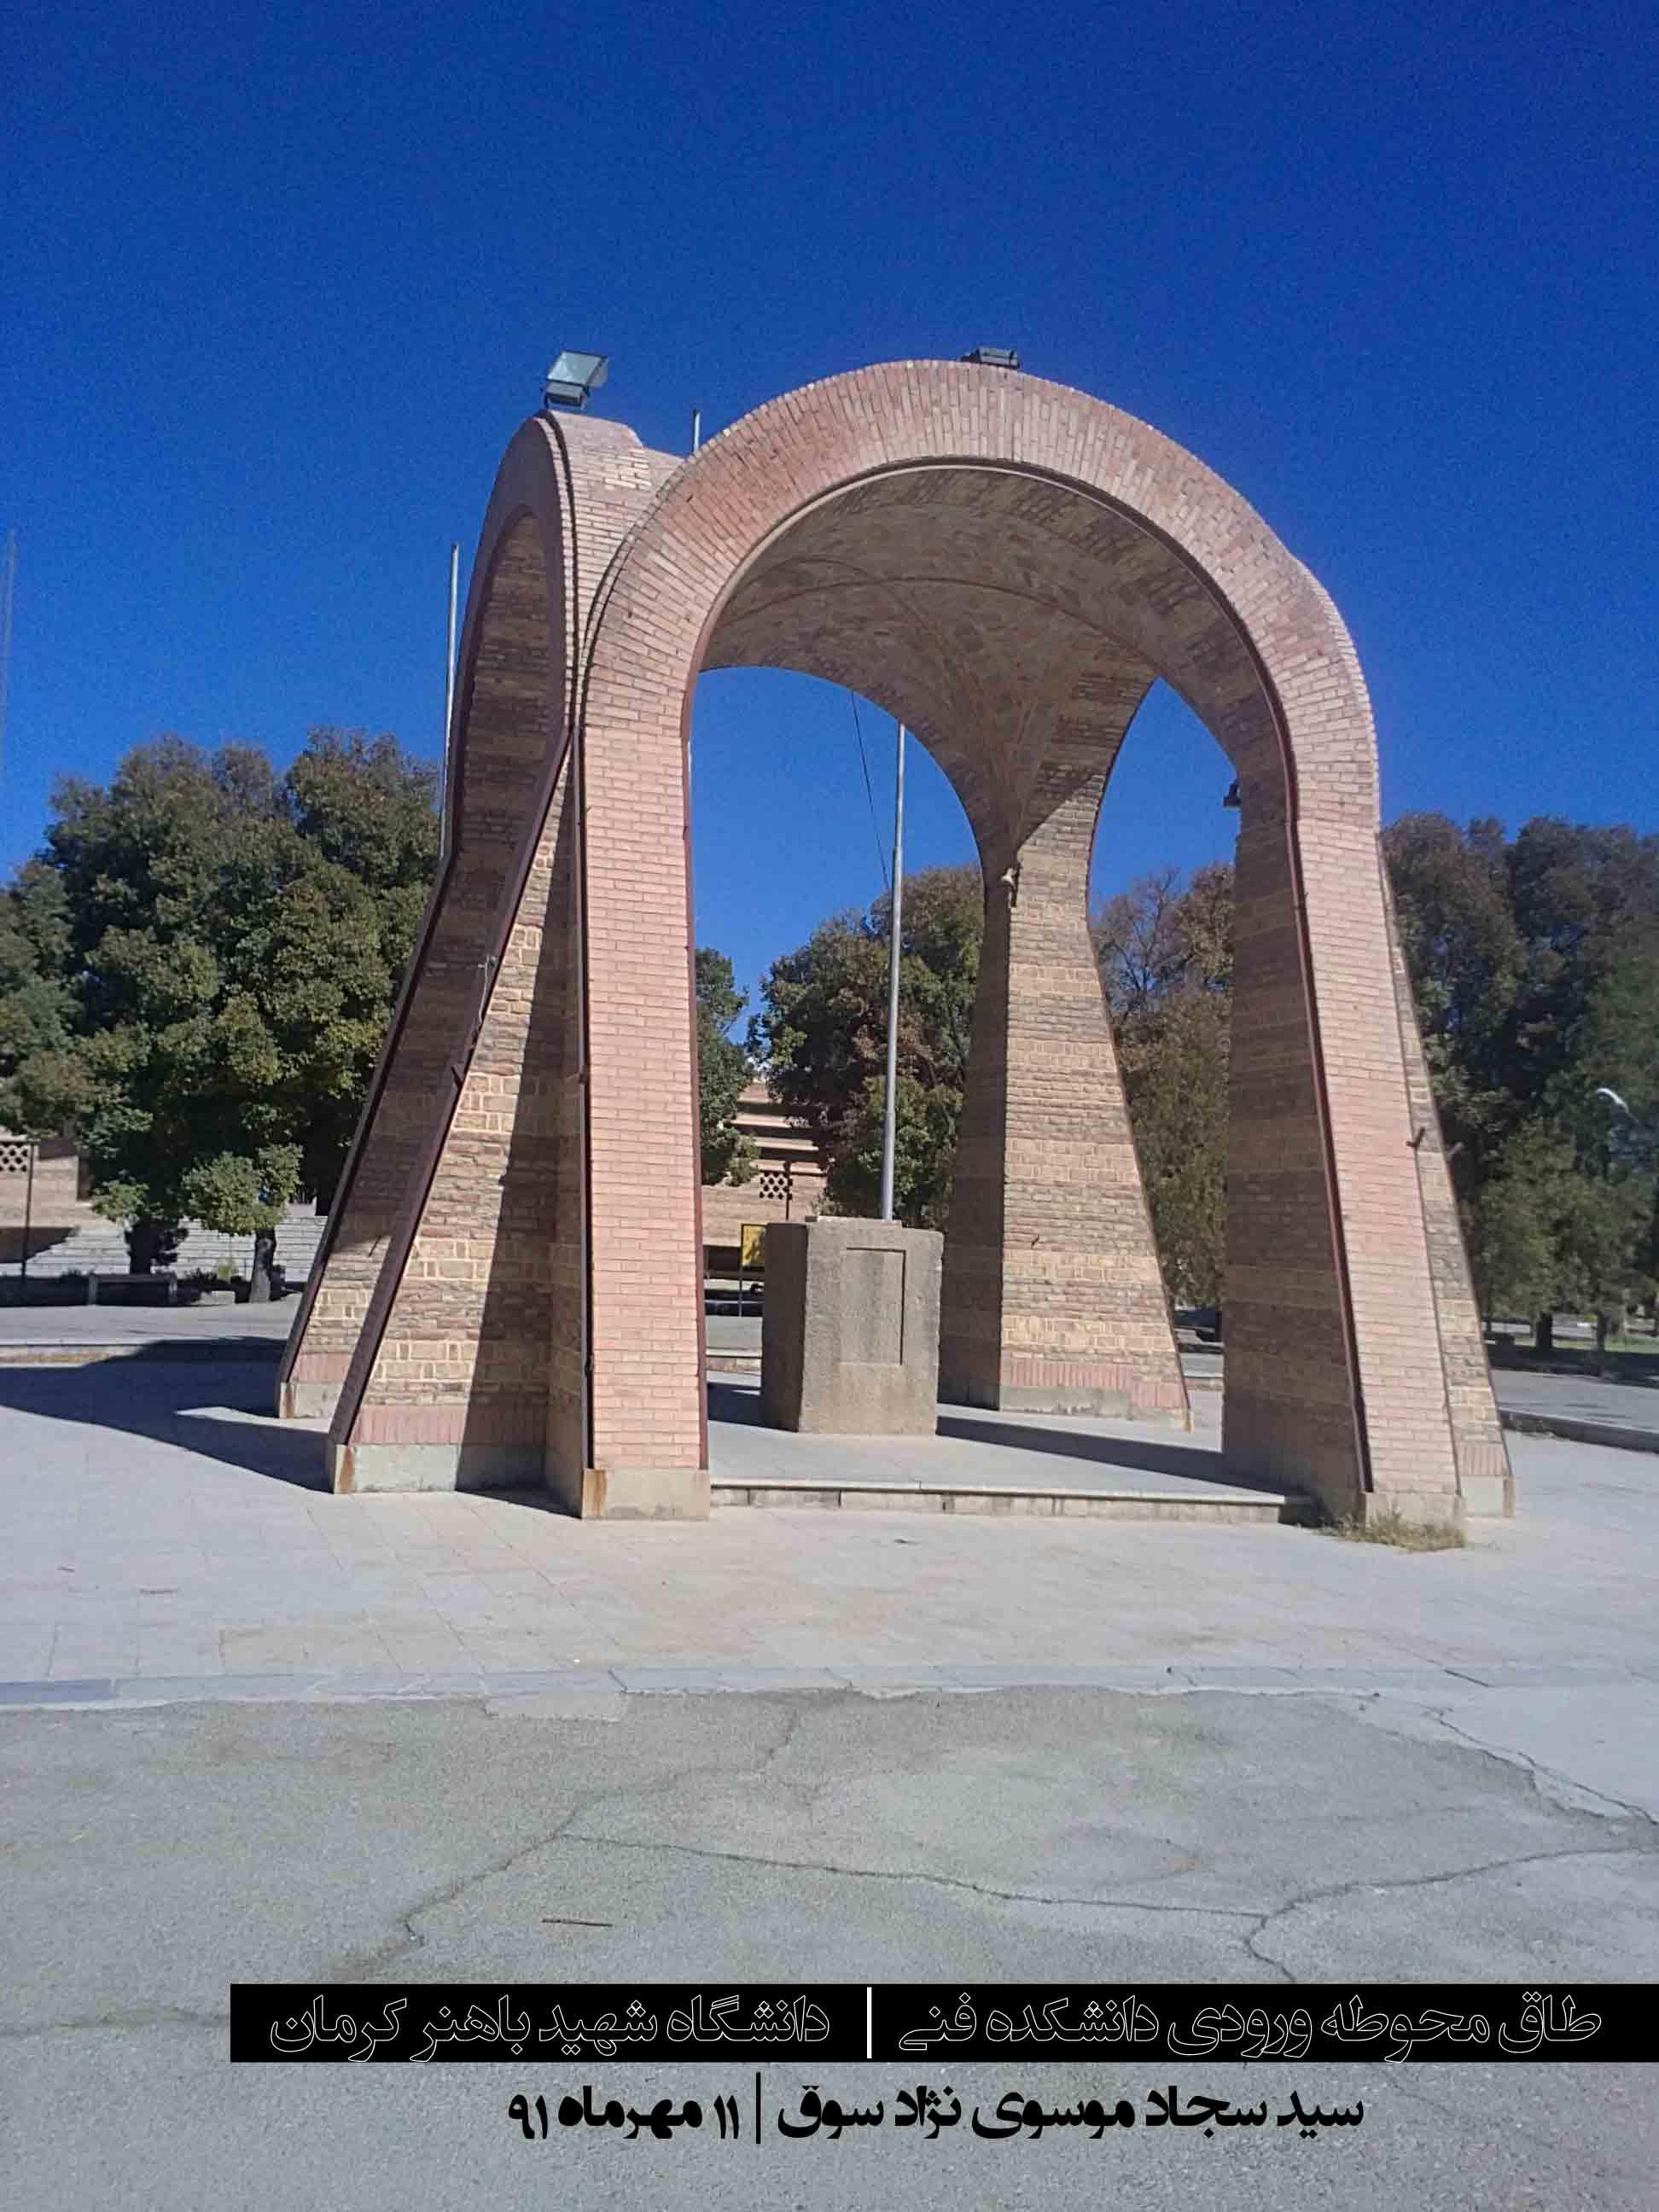 طاق ورودی دانشکده فنی دانشگاه شهید باهنر کرمان